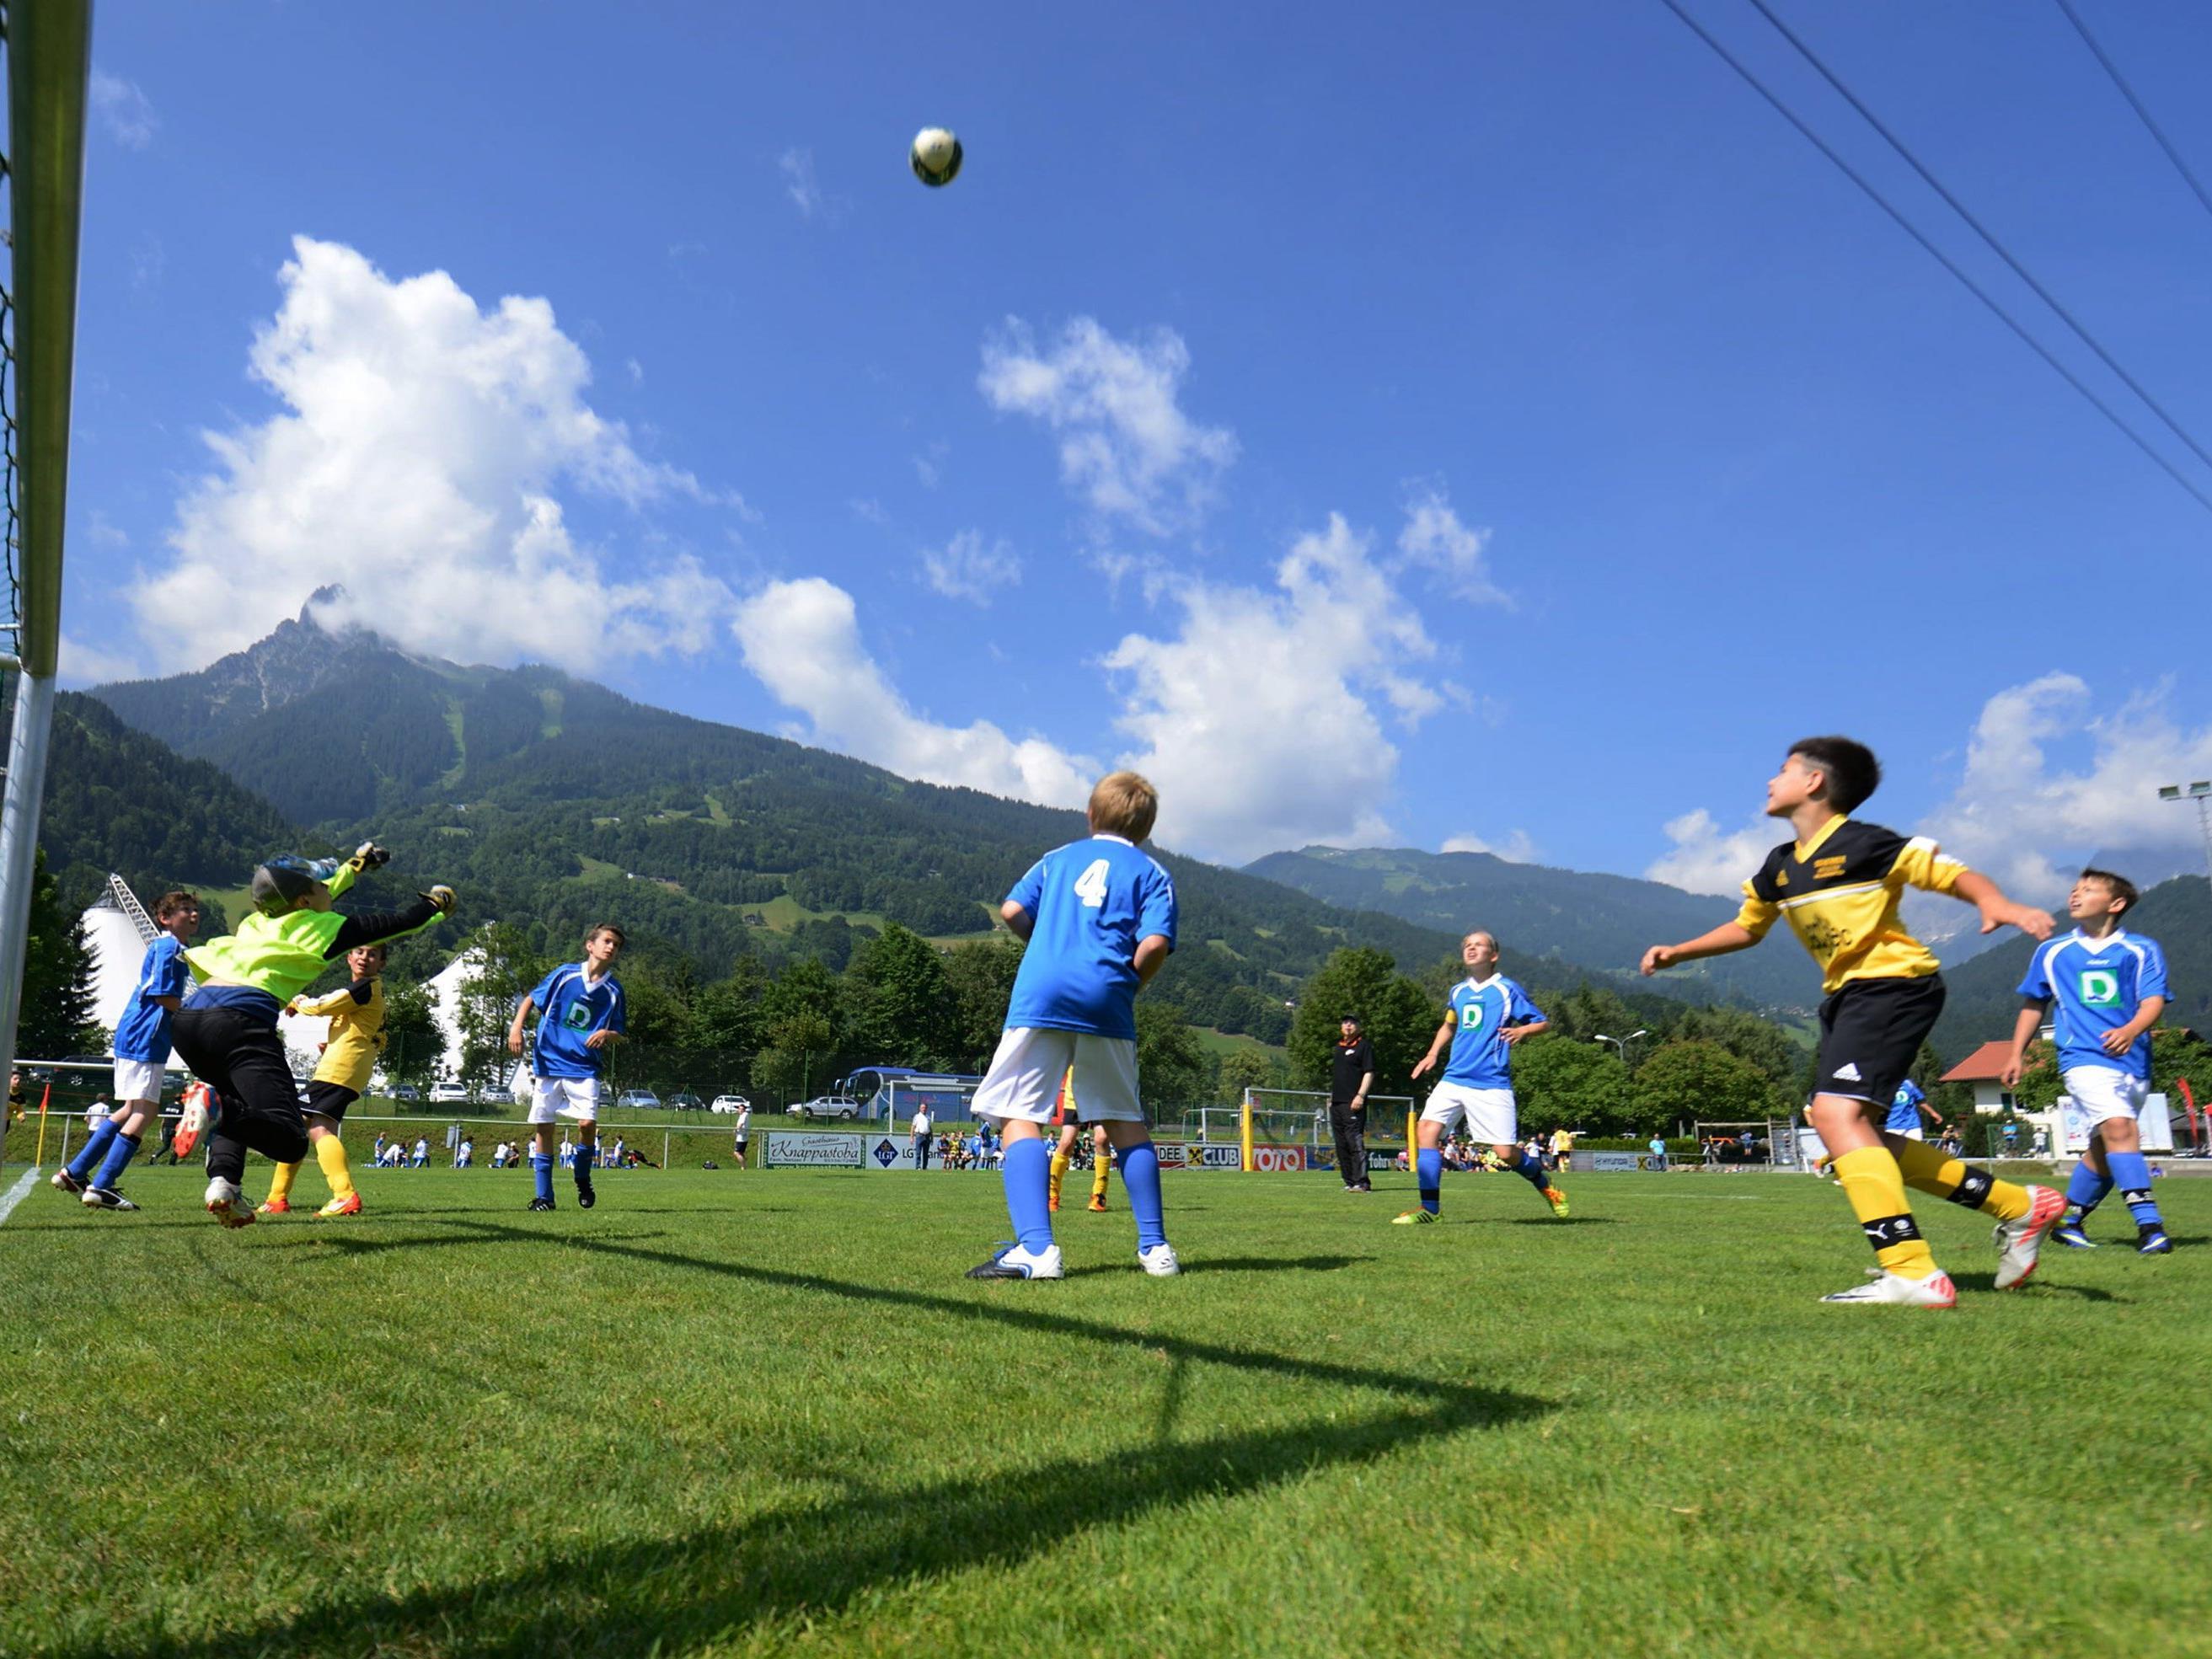 Internationaler Fußball-Nachwuchs aus sechs Nationen ist von 26. bis 29. Mai 2016 im Montafon zu Gast.